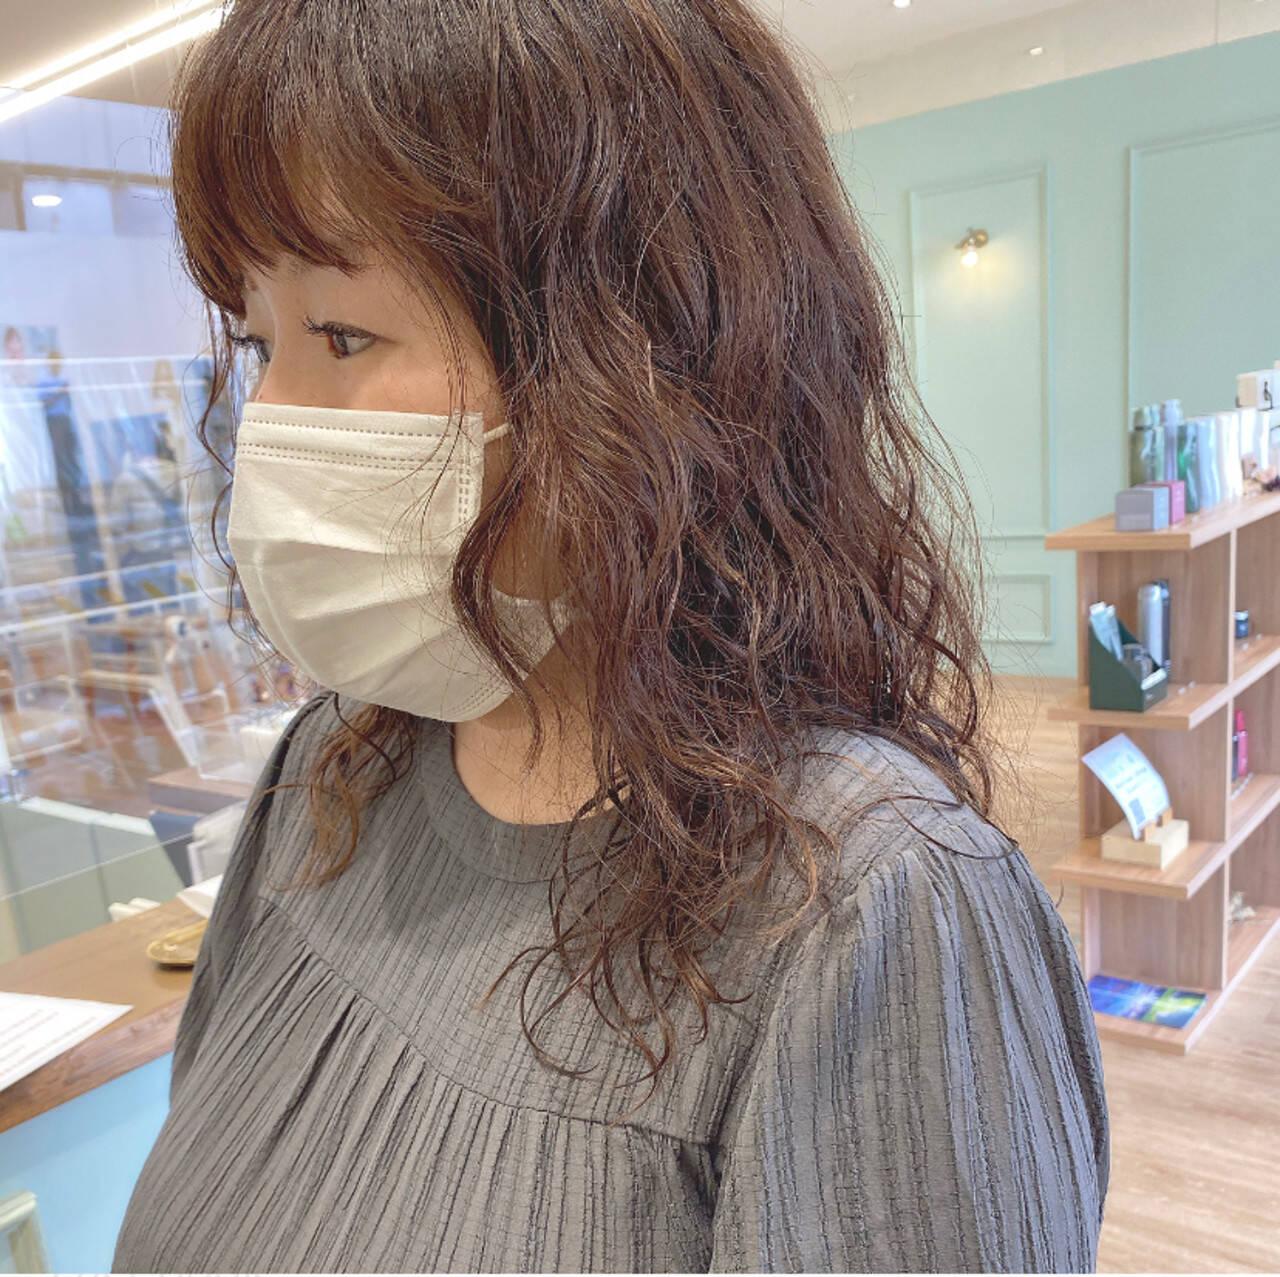 モテ髪 無造作パーマ デジタルパーマ ガーリーヘアスタイルや髪型の写真・画像